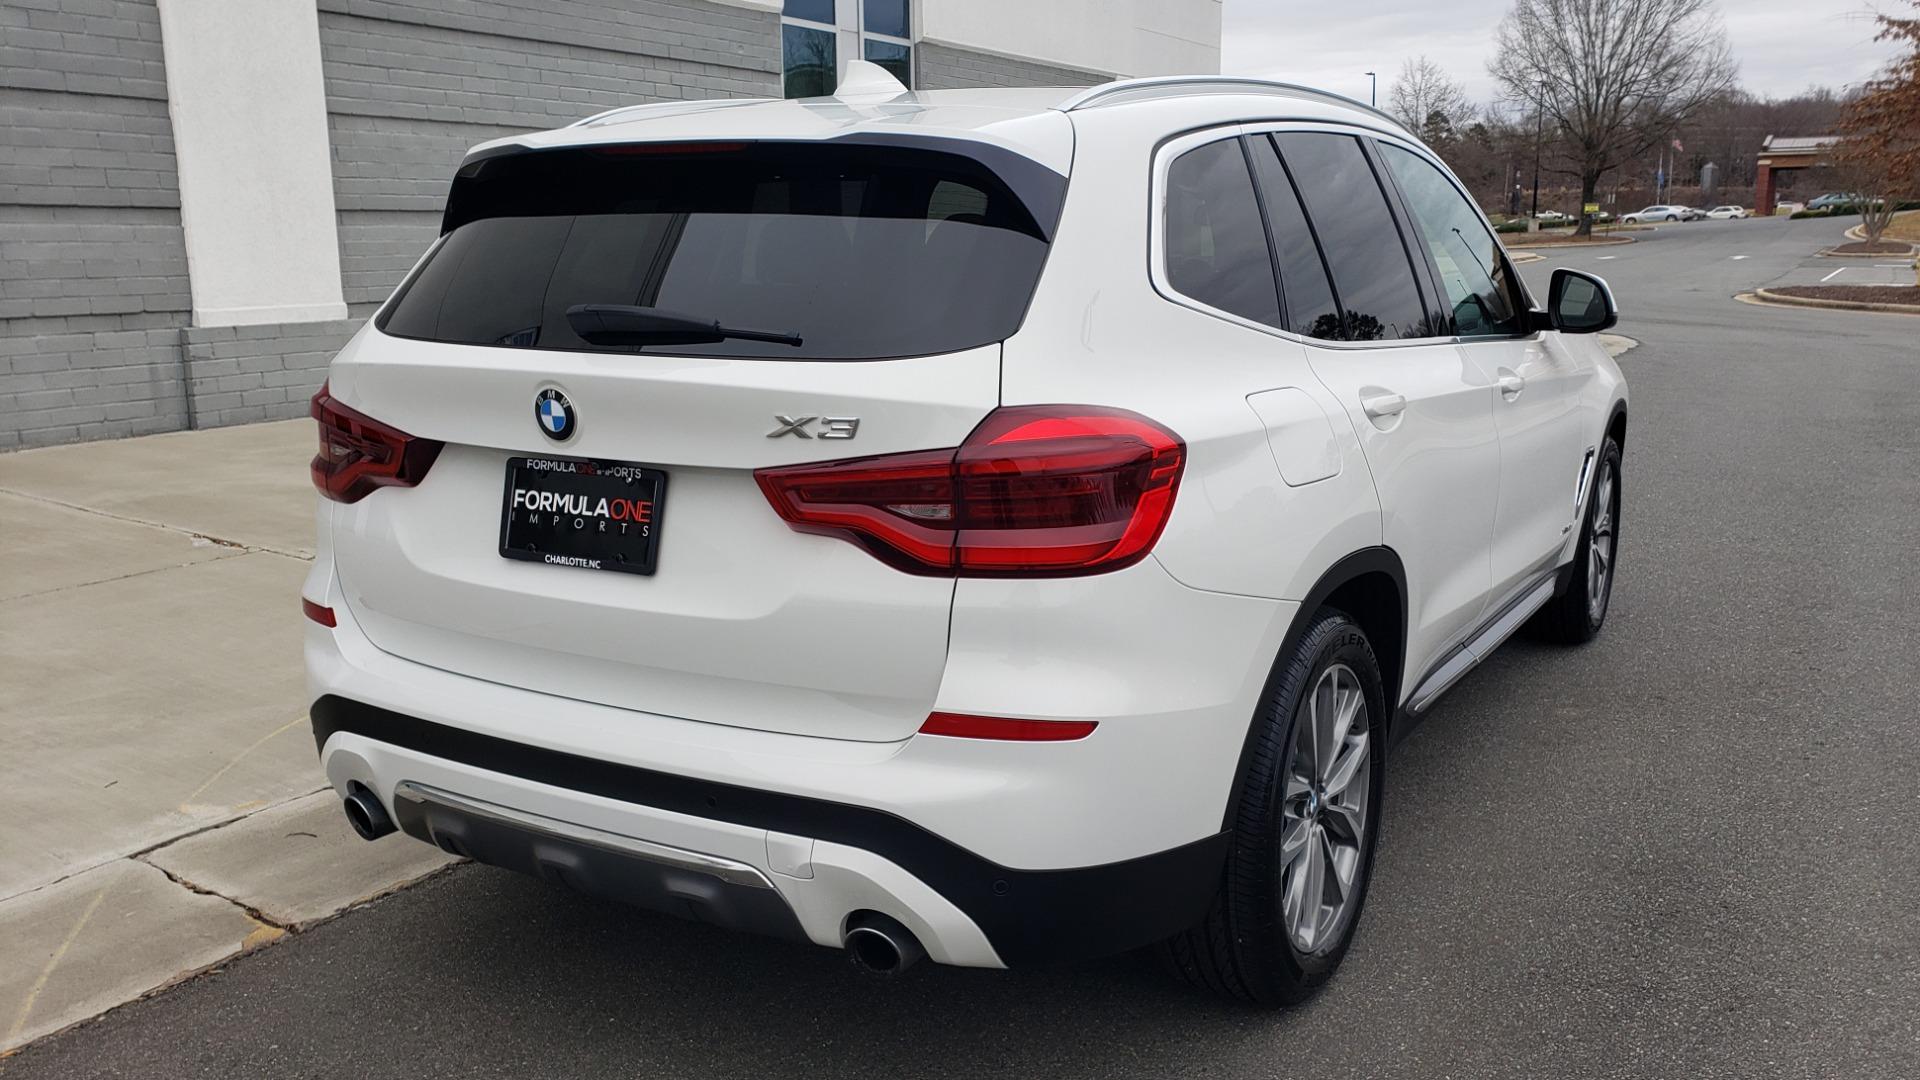 Used 2018 BMW X3 XDRIVE30I / LUX PKG / PREM PKG / CONV PKG / PDC / APPLE CARPLAY for sale Sold at Formula Imports in Charlotte NC 28227 8